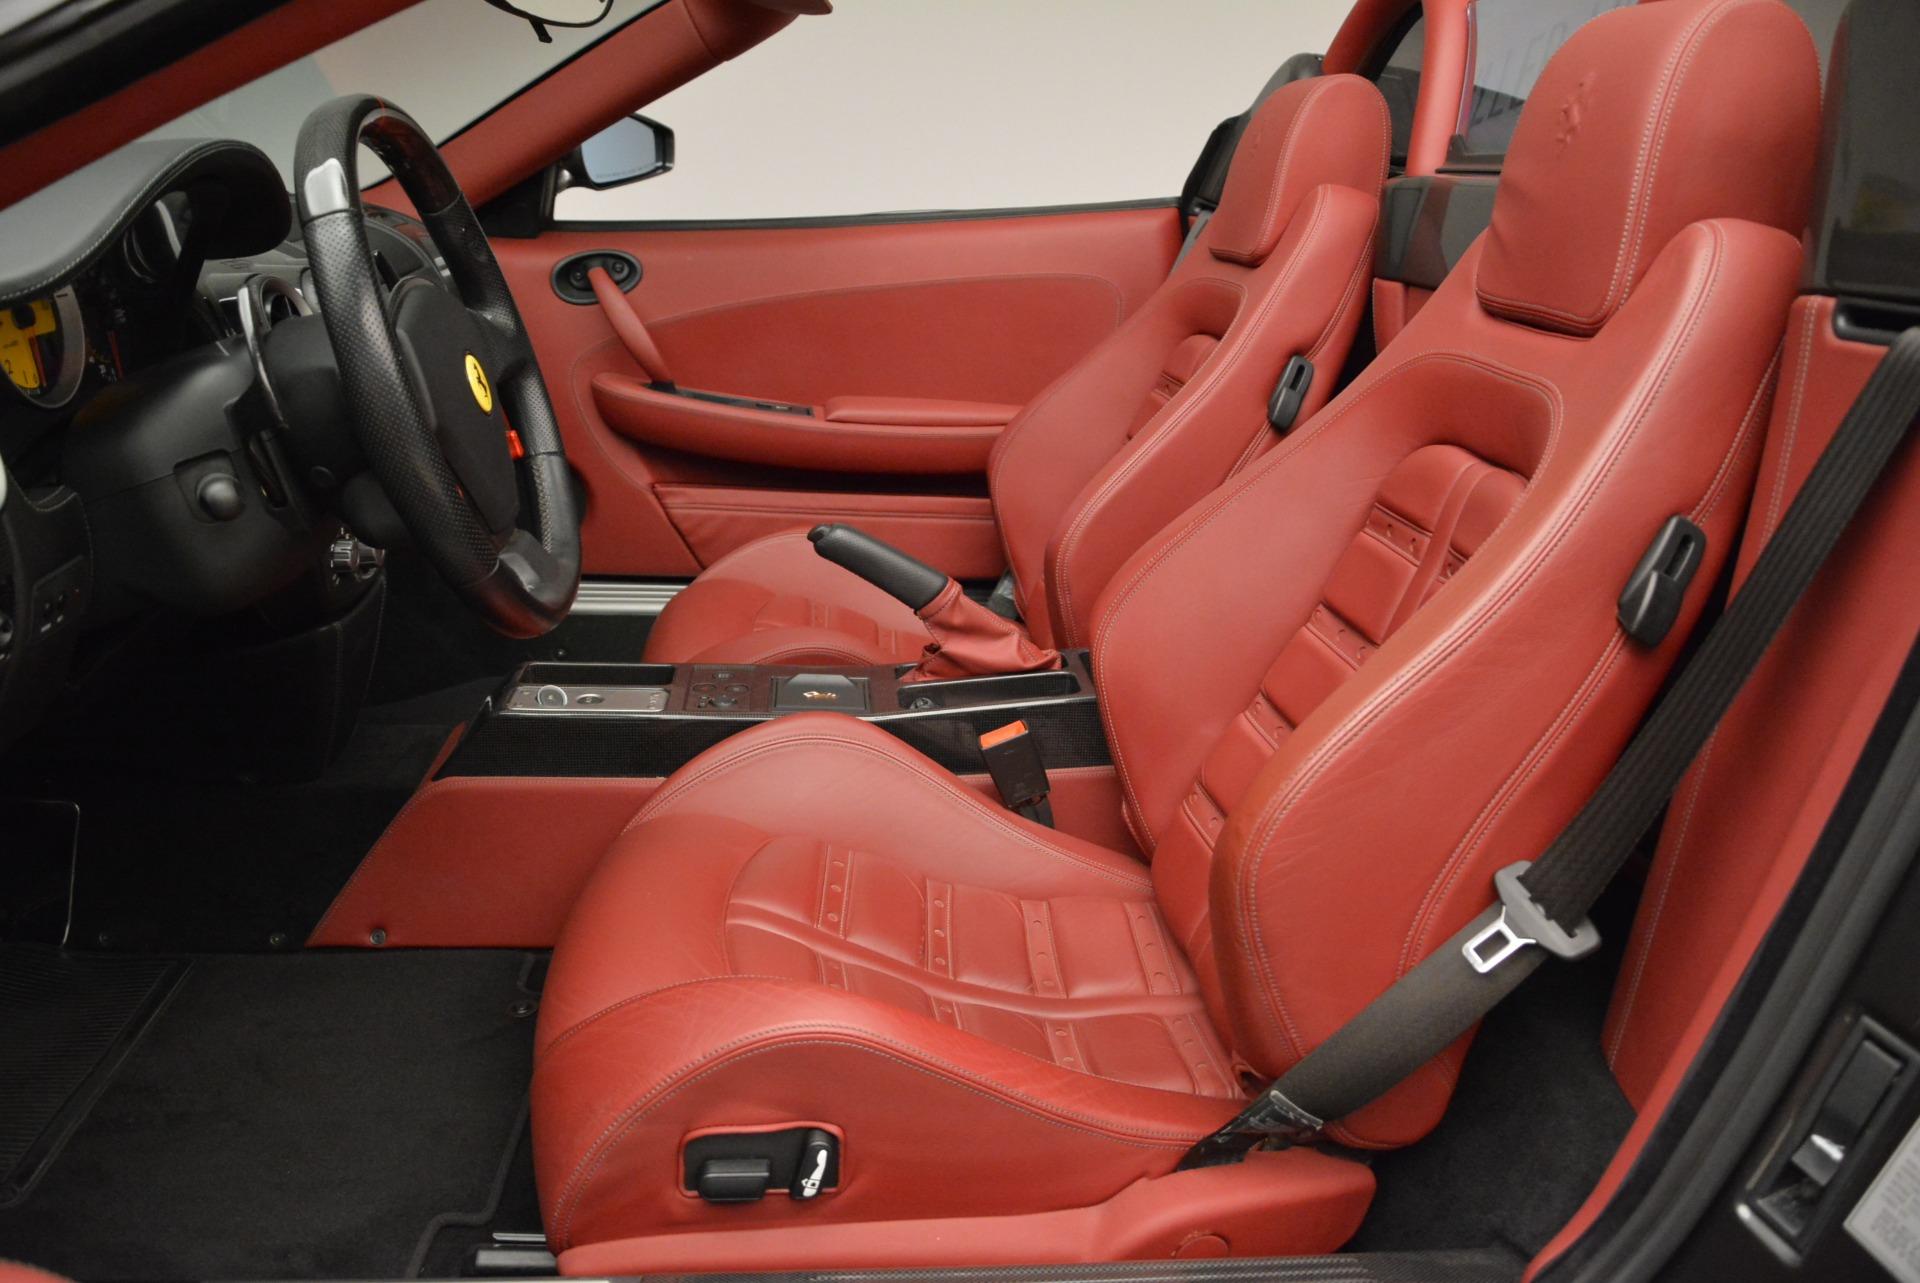 Used 2008 Ferrari F430 Spider  For Sale In Greenwich, CT. Alfa Romeo of Greenwich, 4440 1883_p26